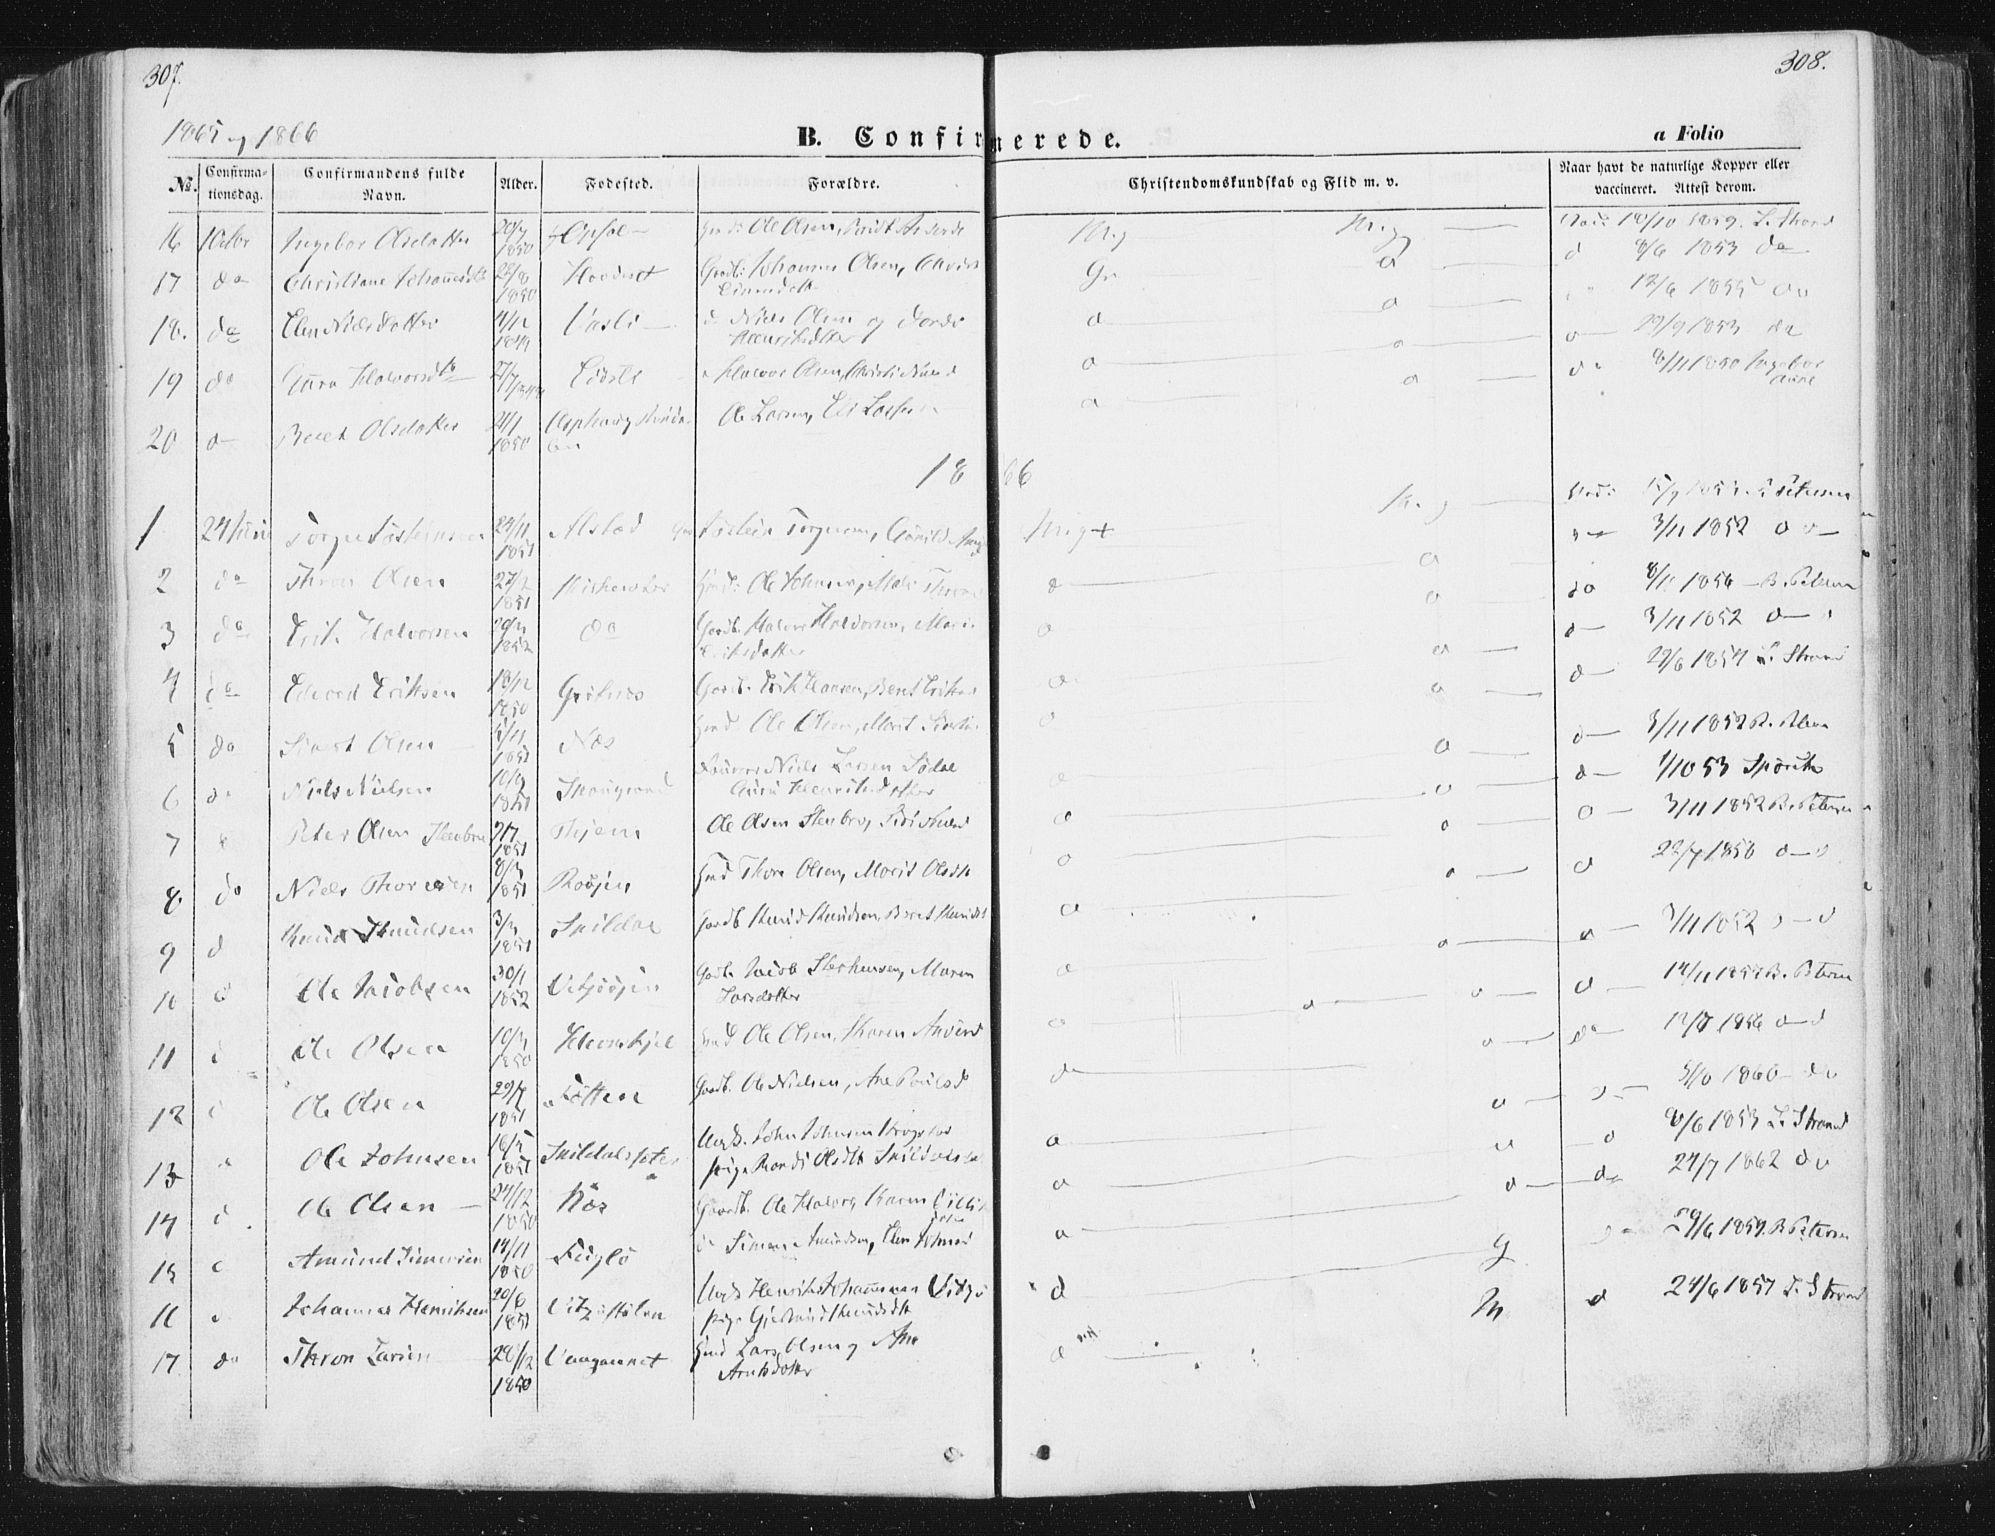 SAT, Ministerialprotokoller, klokkerbøker og fødselsregistre - Sør-Trøndelag, 630/L0494: Ministerialbok nr. 630A07, 1852-1868, s. 307-308